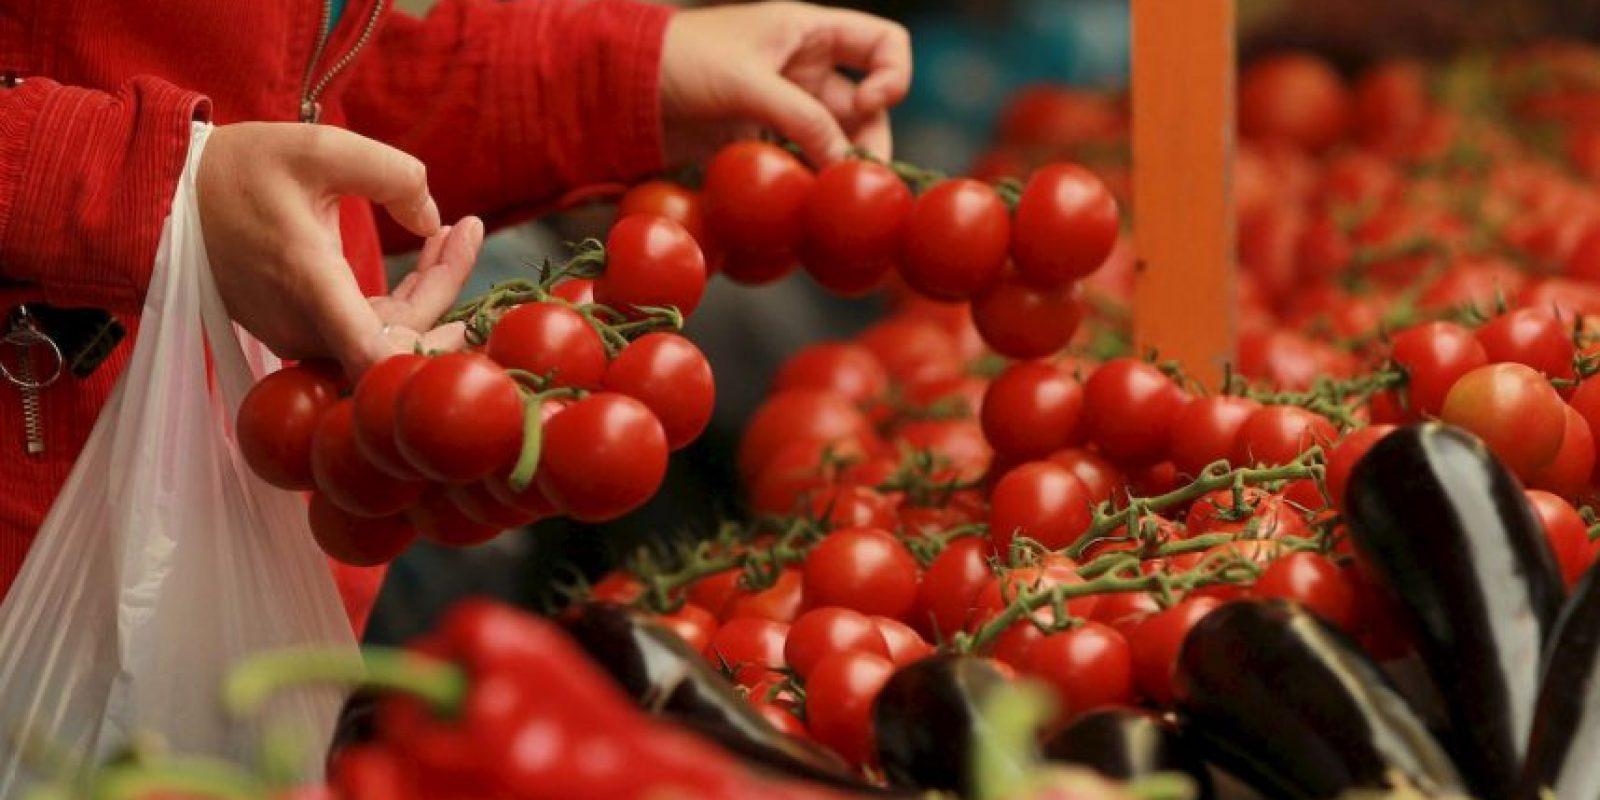 1. La preparación adecuada de los alimentos previene las muertes de niños, reseña la OMS. Foto:Getty Images